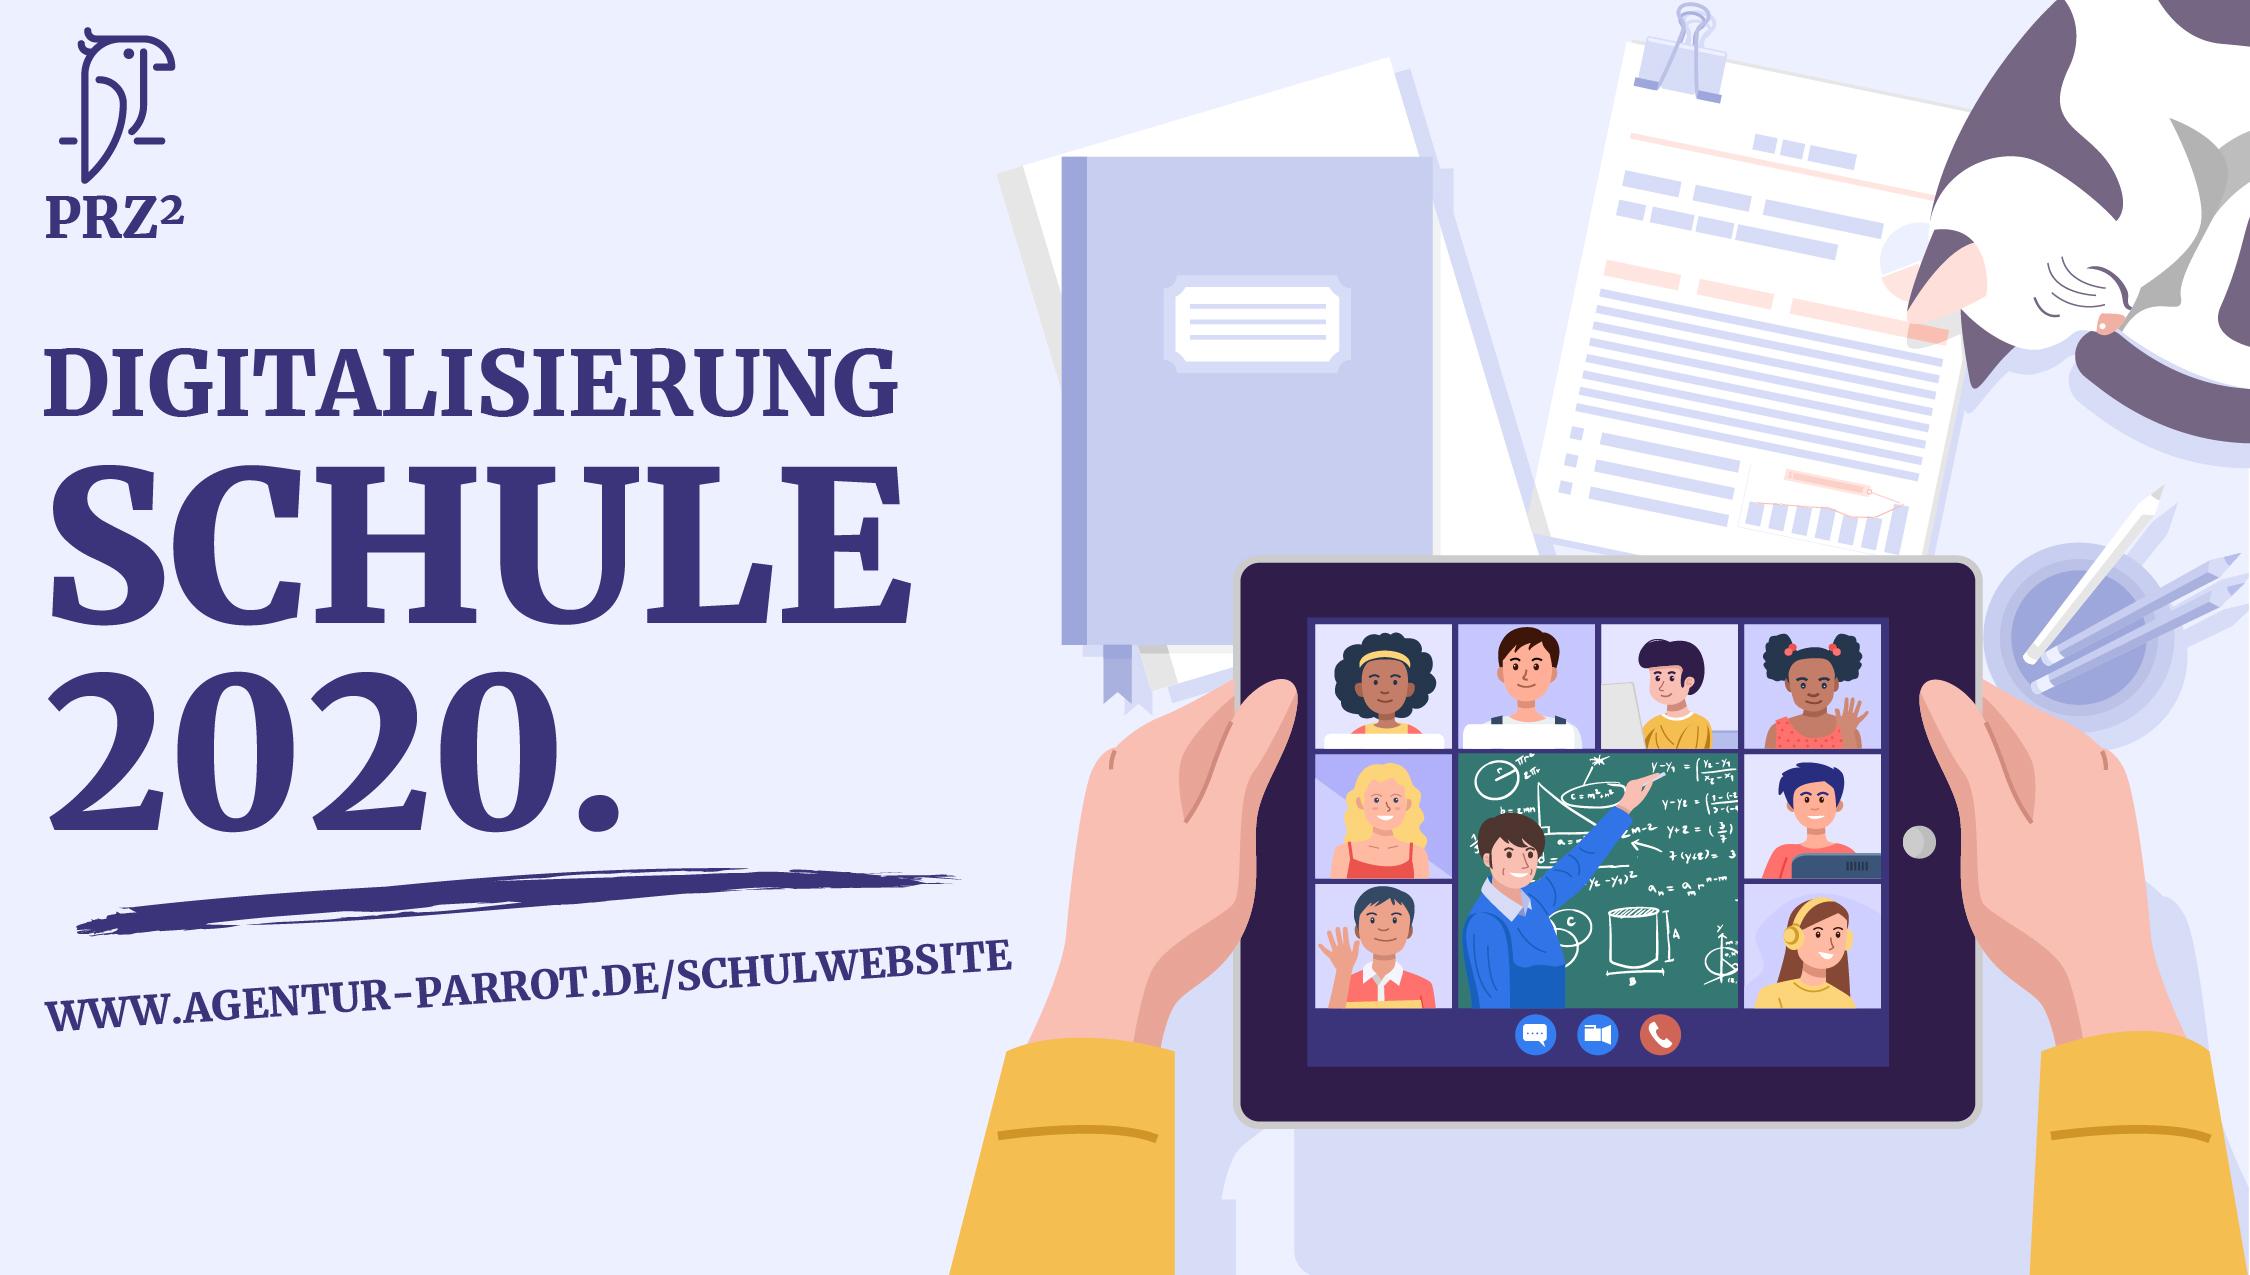 Digitalisierung. Schule 2020